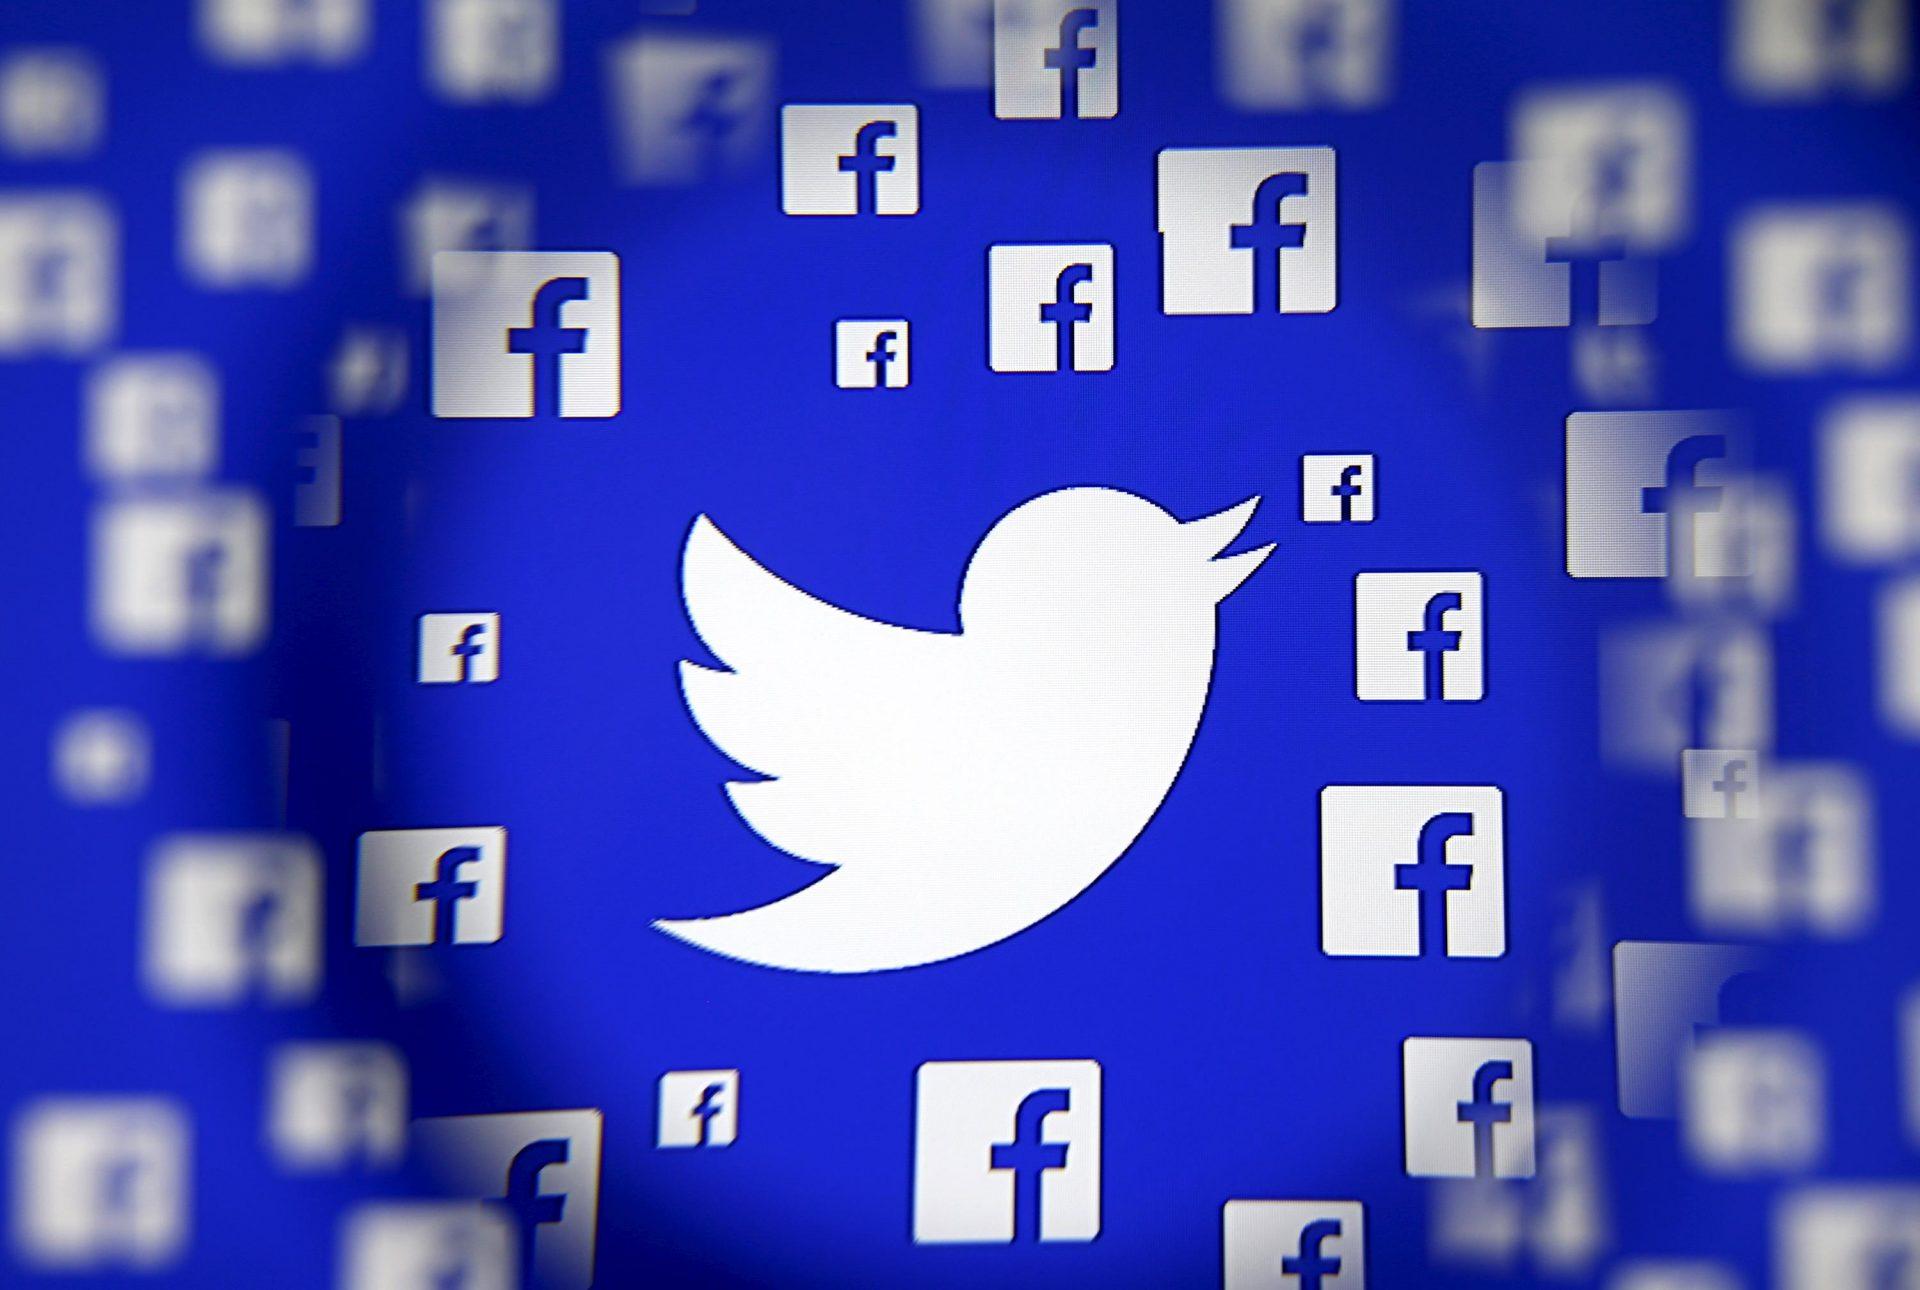 Dezvoltatorii unor aplicații colectează datele utilizatorilor. Facebook și Twitter, implicate în controversă